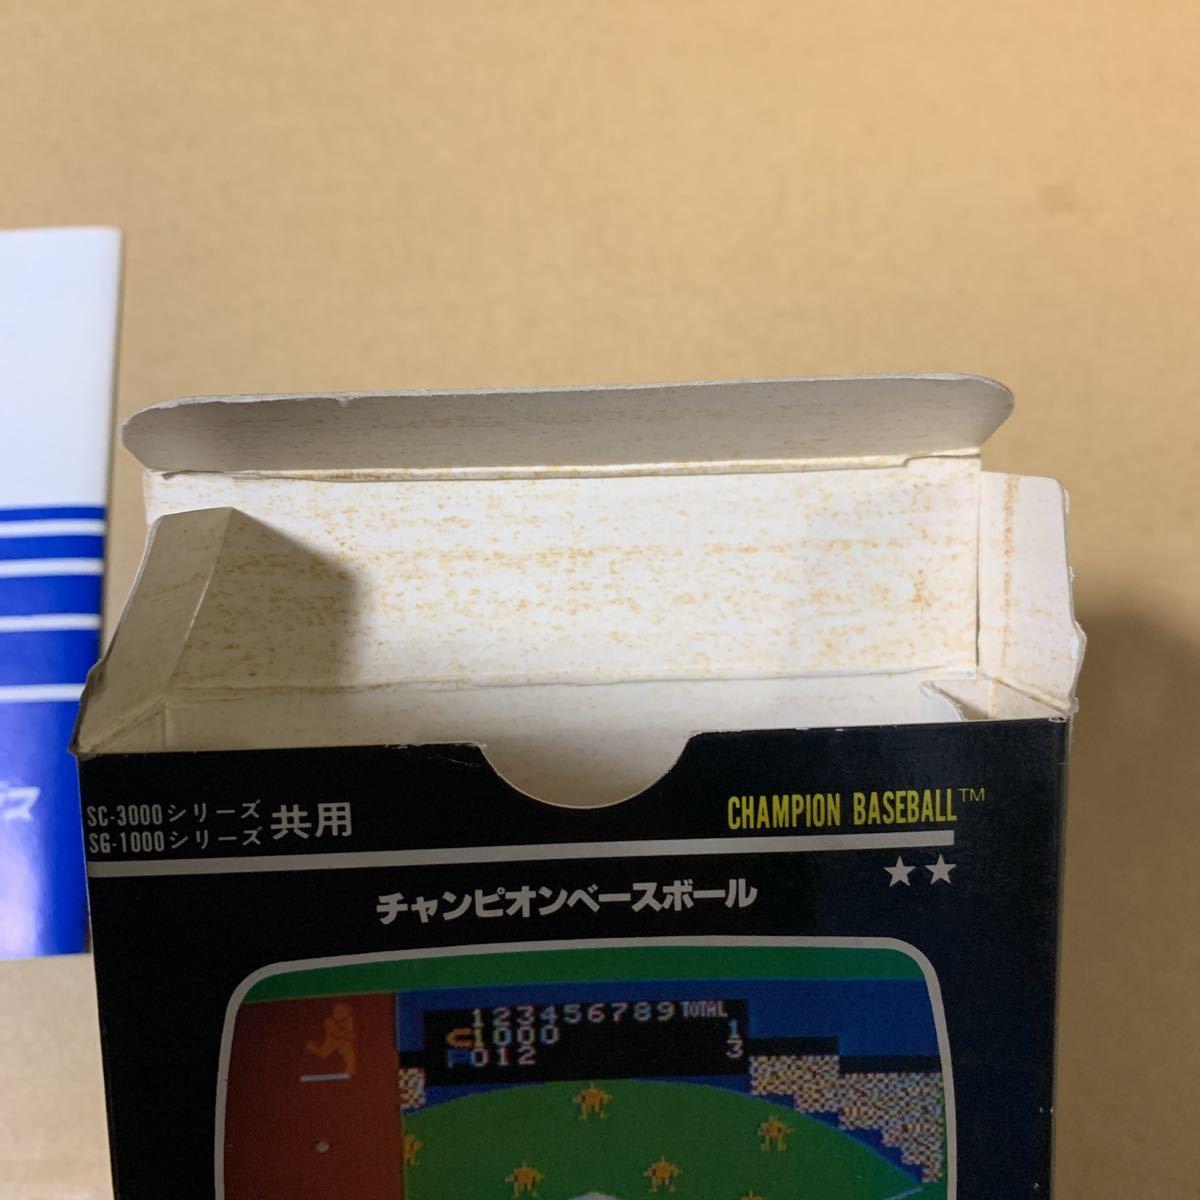 【ジャンク】セガ チャンピオンベースボール SC-3000・SG-1000シリーズ共用 (動作未確認)_画像5